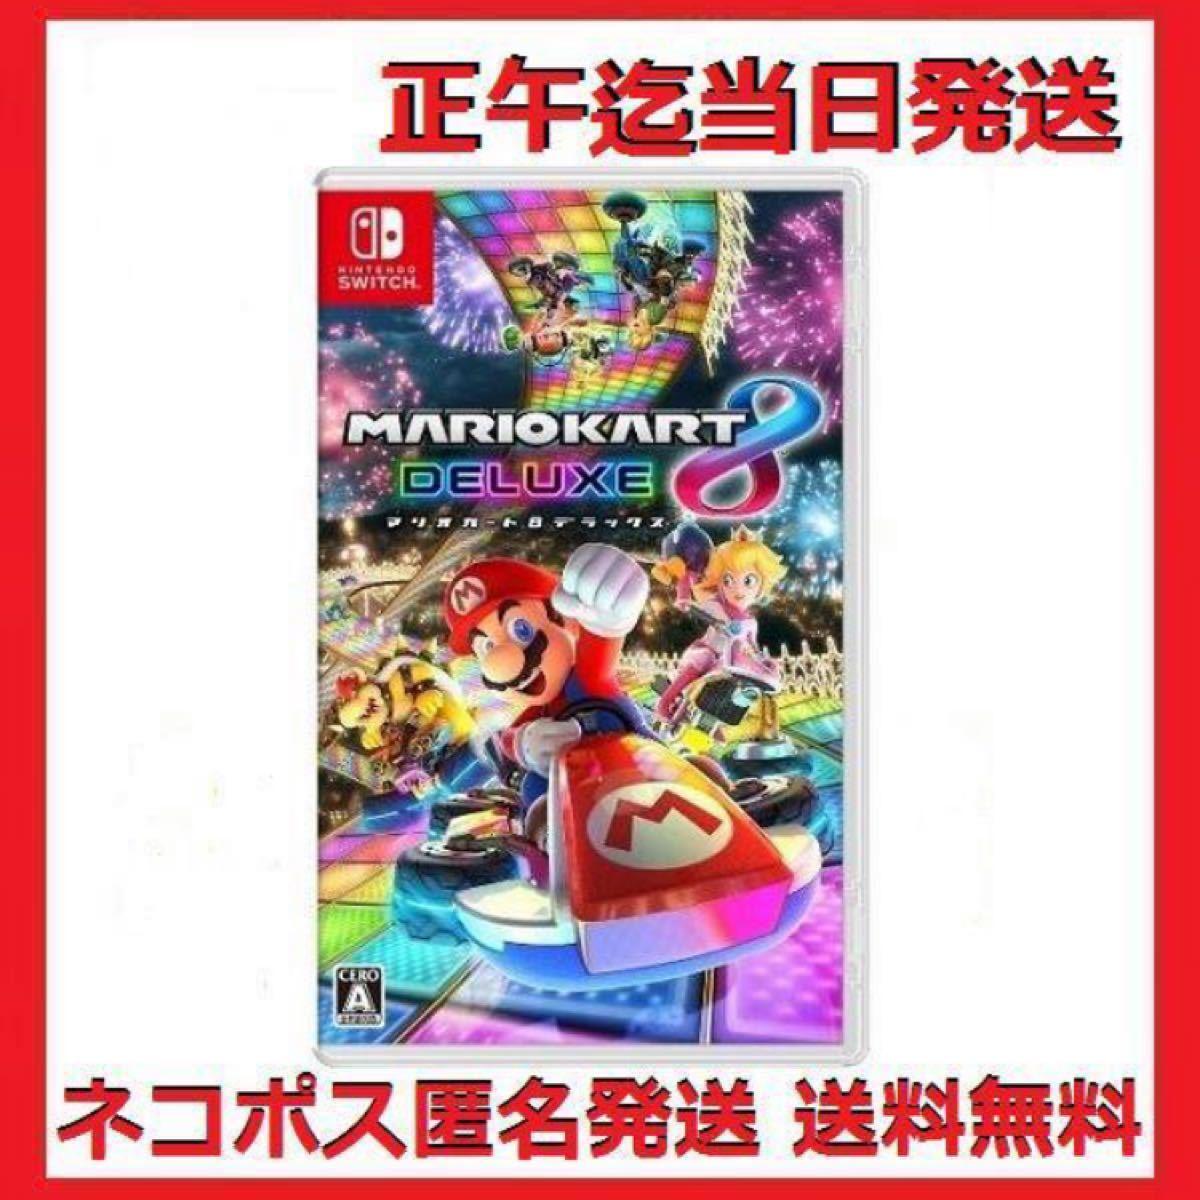 新品未開封 マリオカート8 デラックス  Nintendo Switch